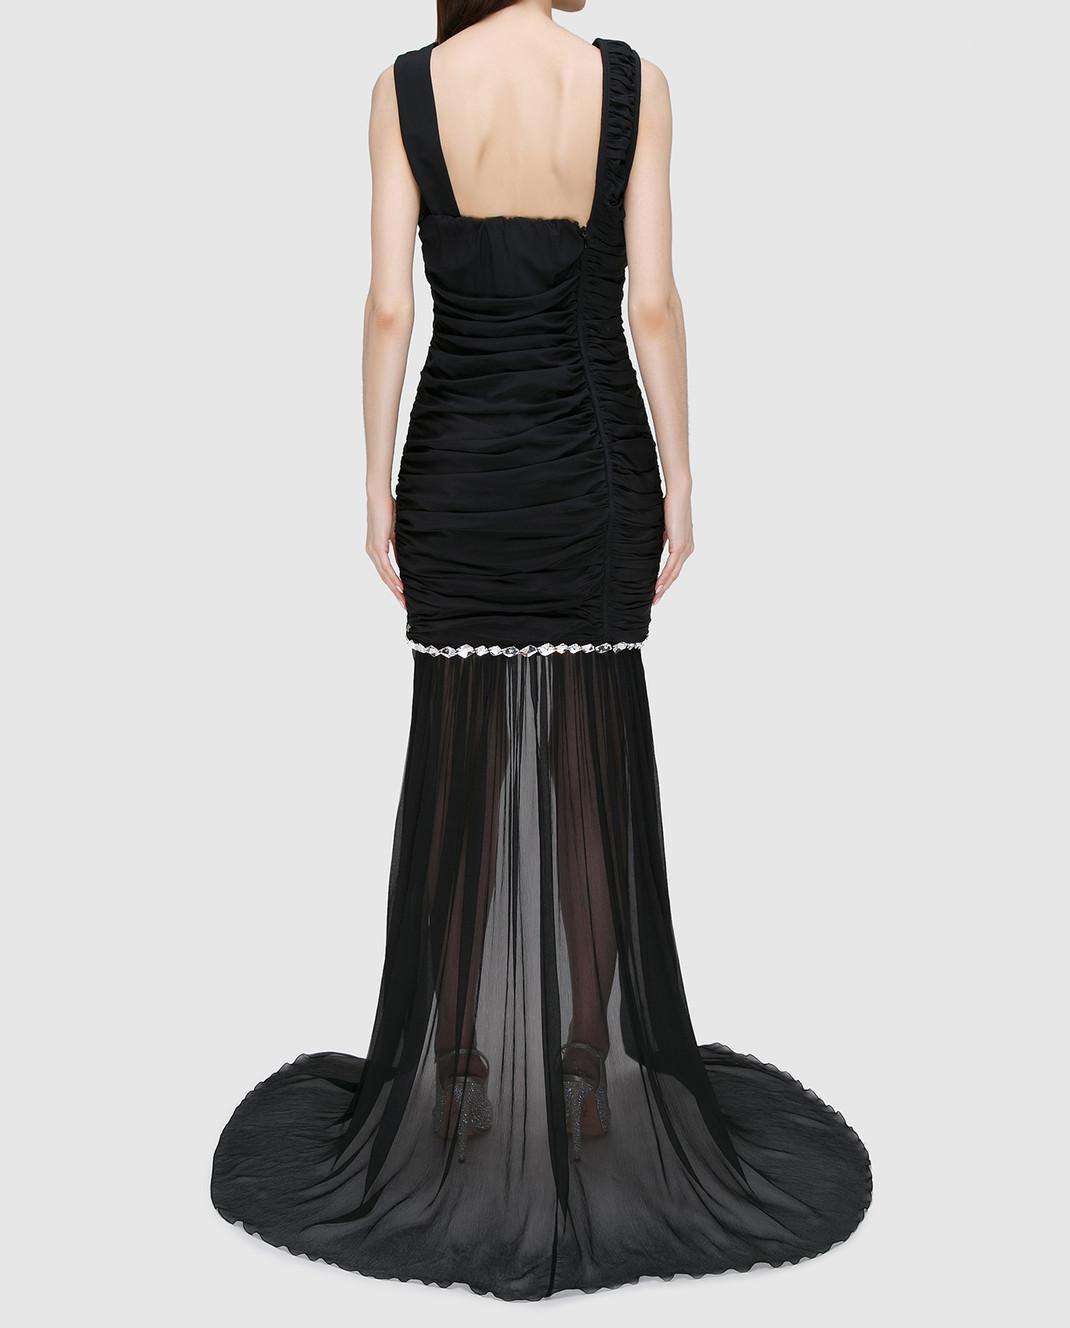 Blumarine Черное платье из драпированного шелка со шлейфом 58456 изображение 4